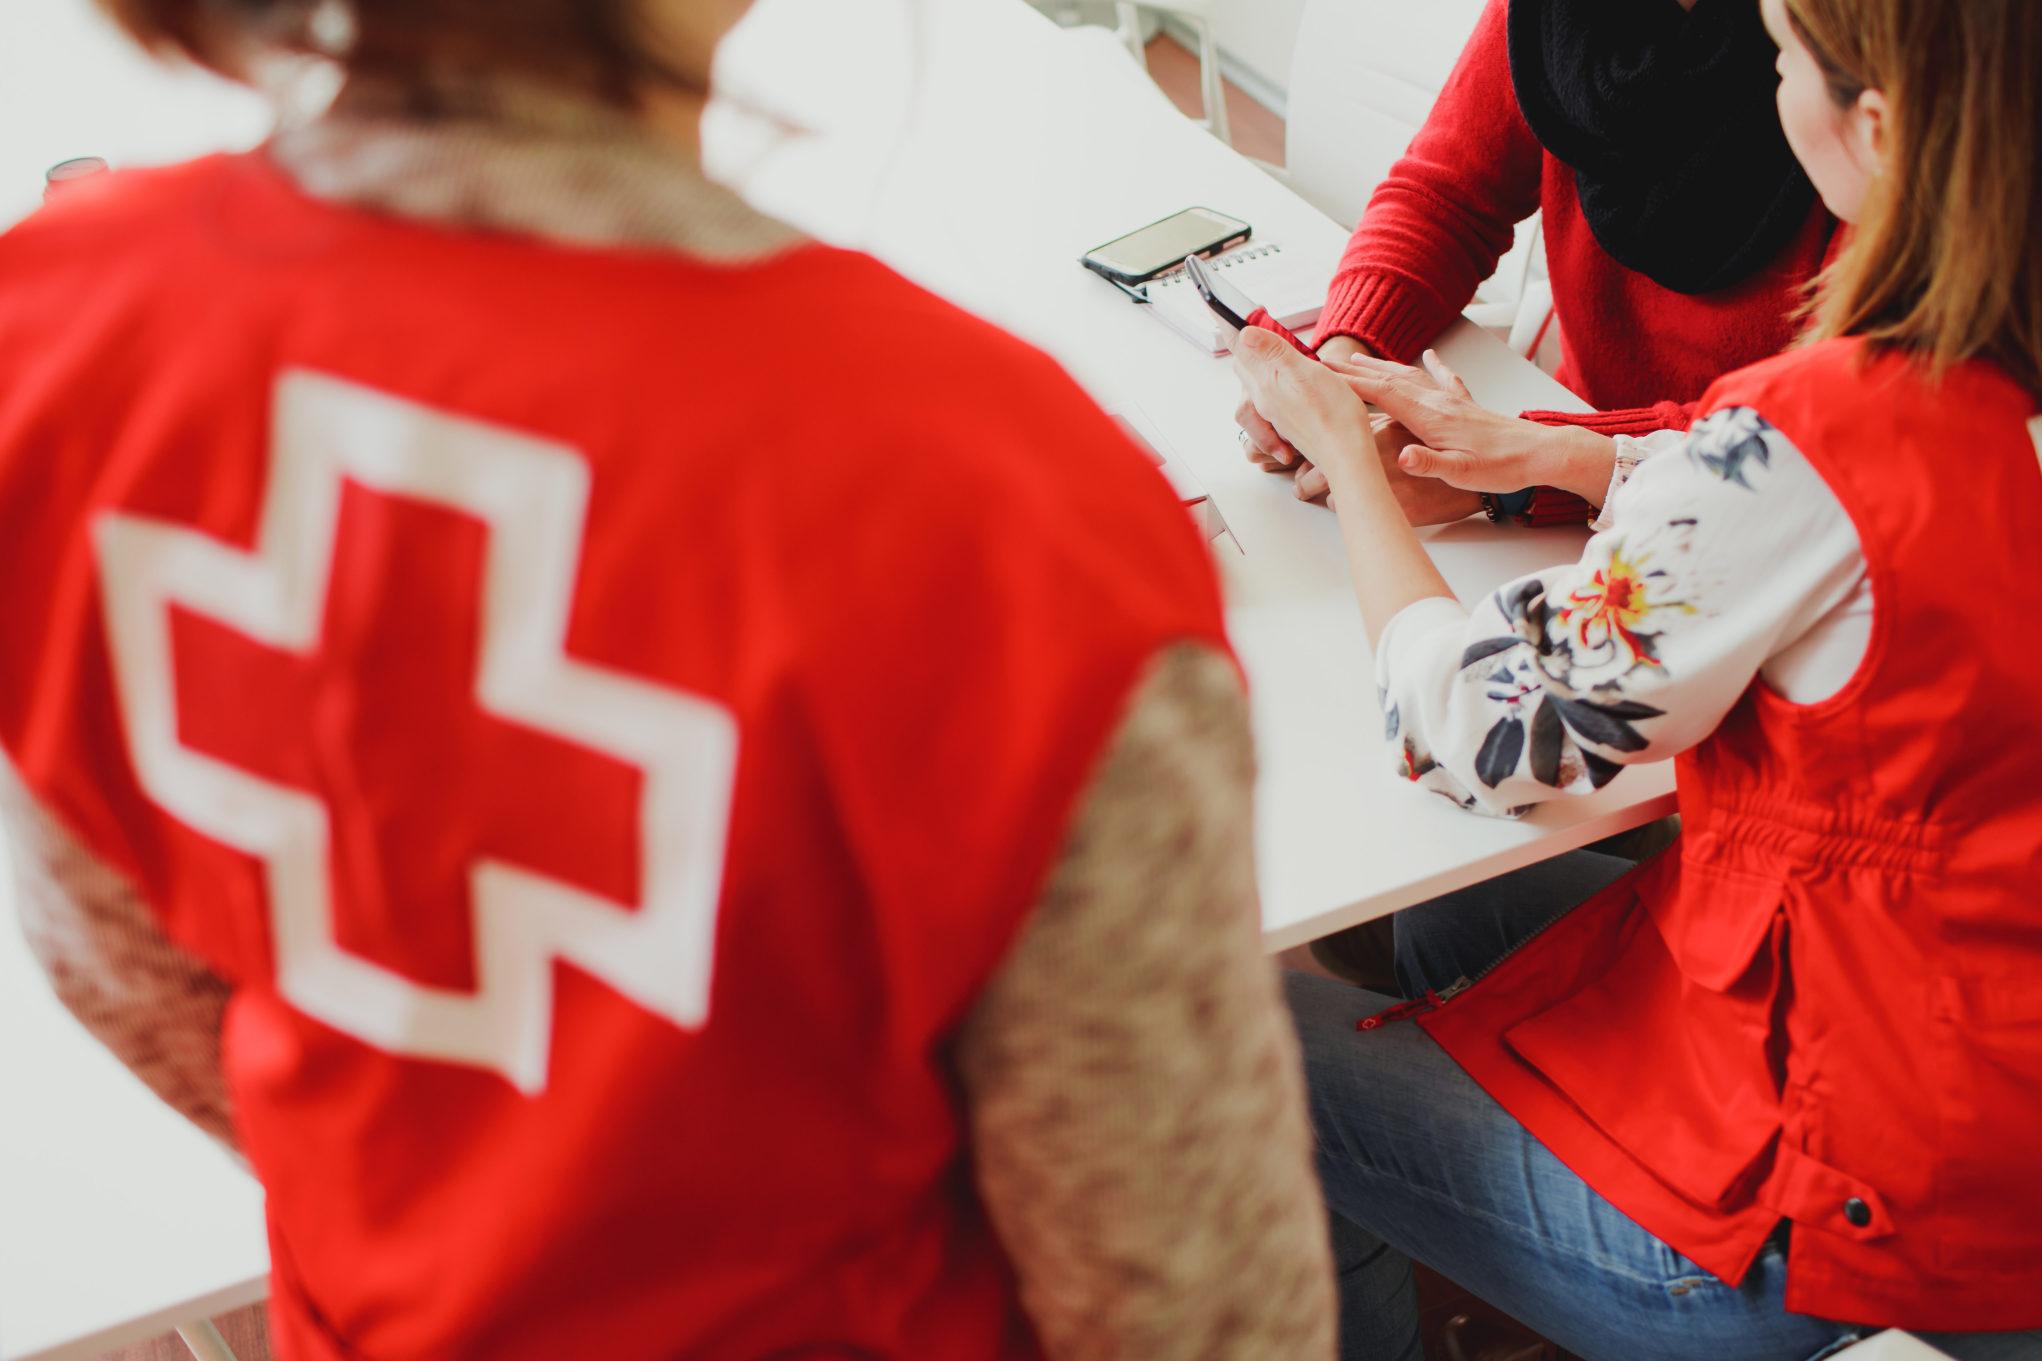 Cruz Roja atiende a mujeres víctimas de violencia de género / CanariasNoticias.es